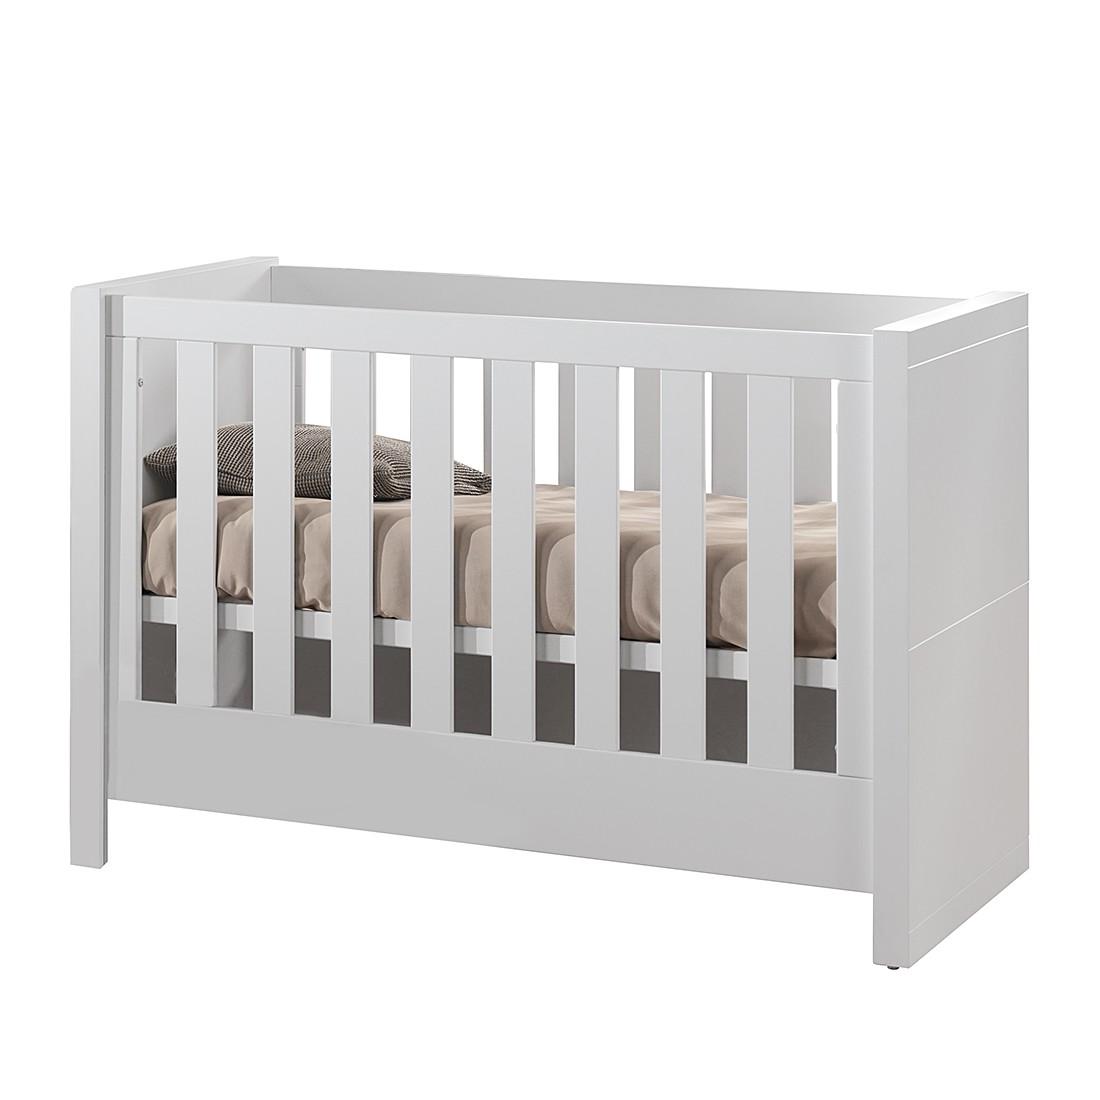 babybett mit rollen preisvergleich die besten angebote online kaufen. Black Bedroom Furniture Sets. Home Design Ideas